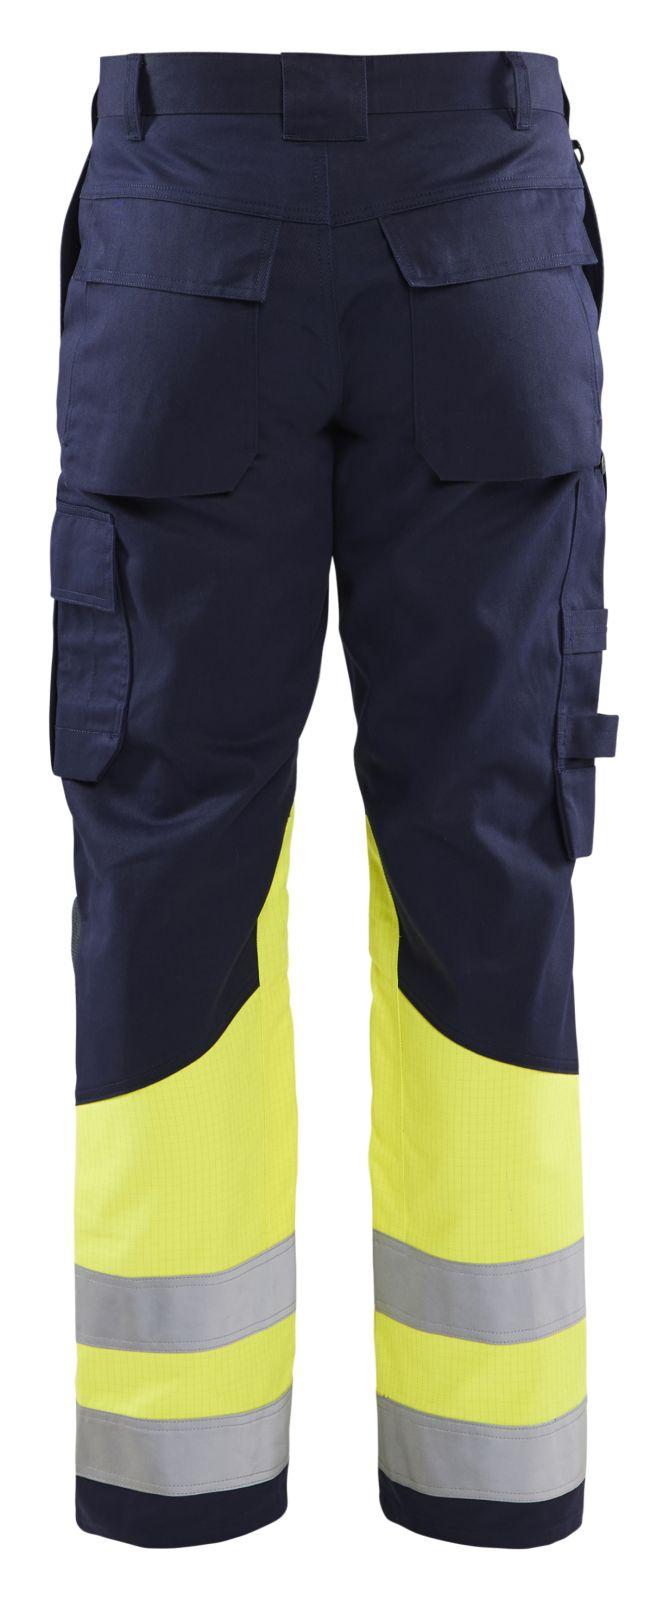 Blaklader Broeken 14781514 Multinorm marineblauw-geel(8933)